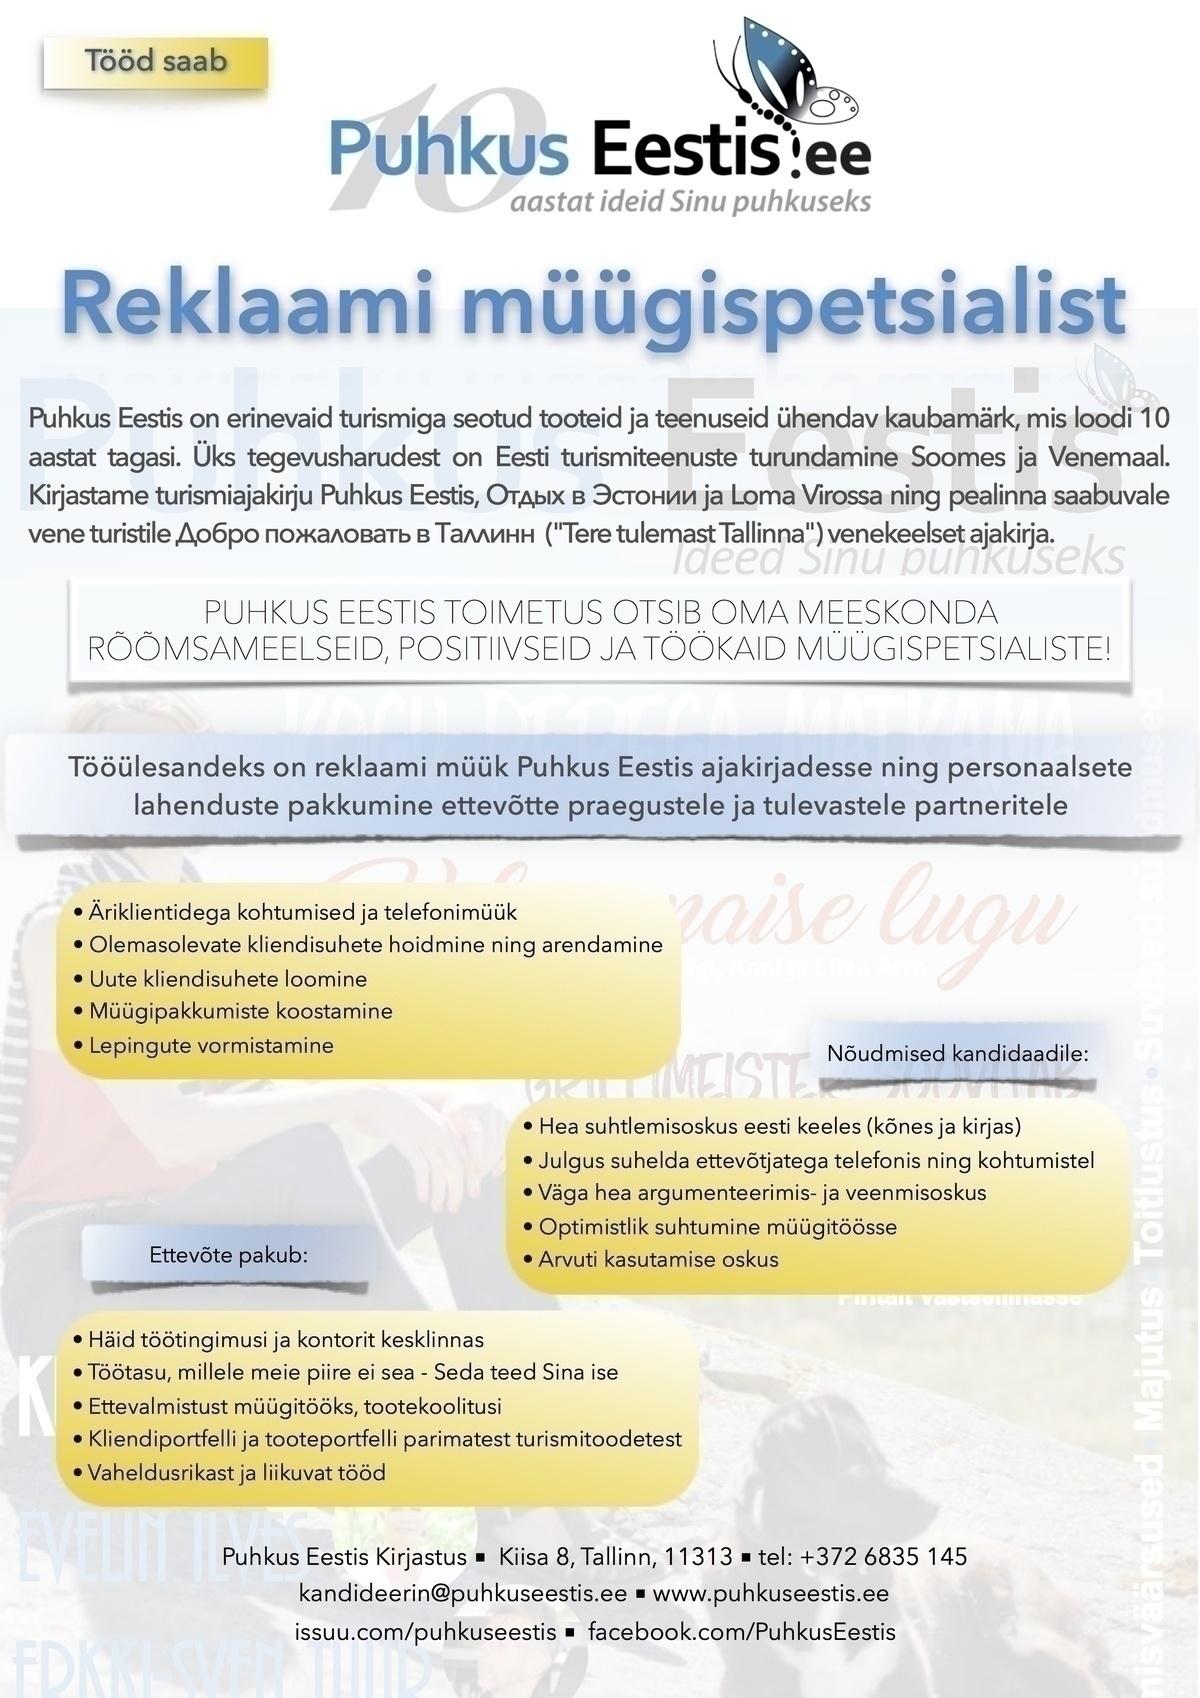 cdc9fe1a2ba CV Keskus tööpakkumine Reklaami müügispetsialist